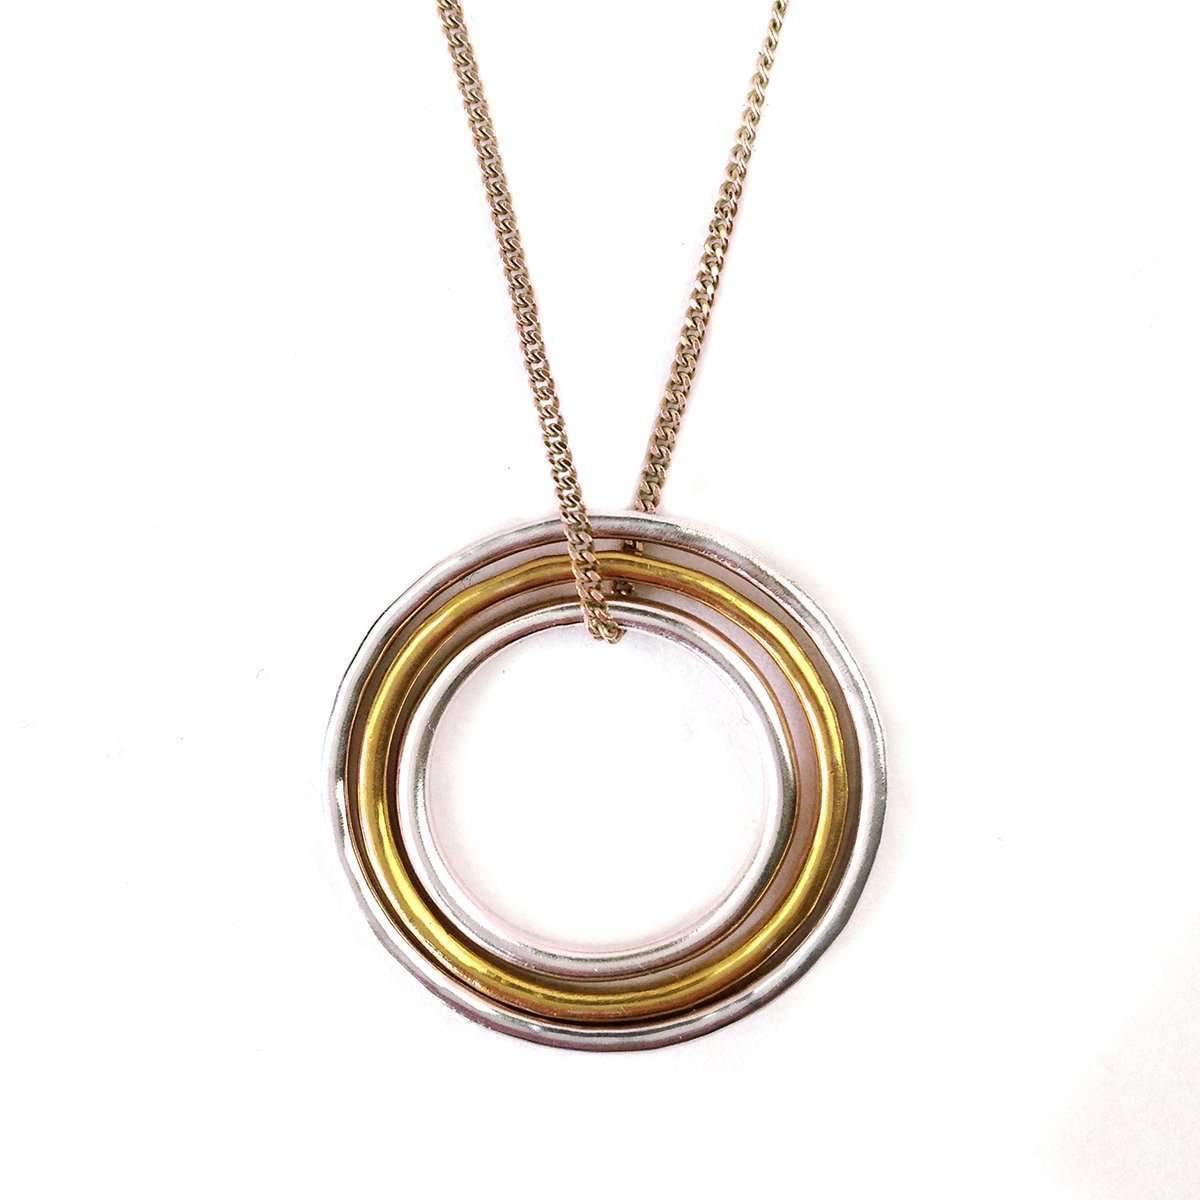 Fran Regan Jewellery Pendant 1 Silver Loop, 2 Vermeil Loops On Silver Chain